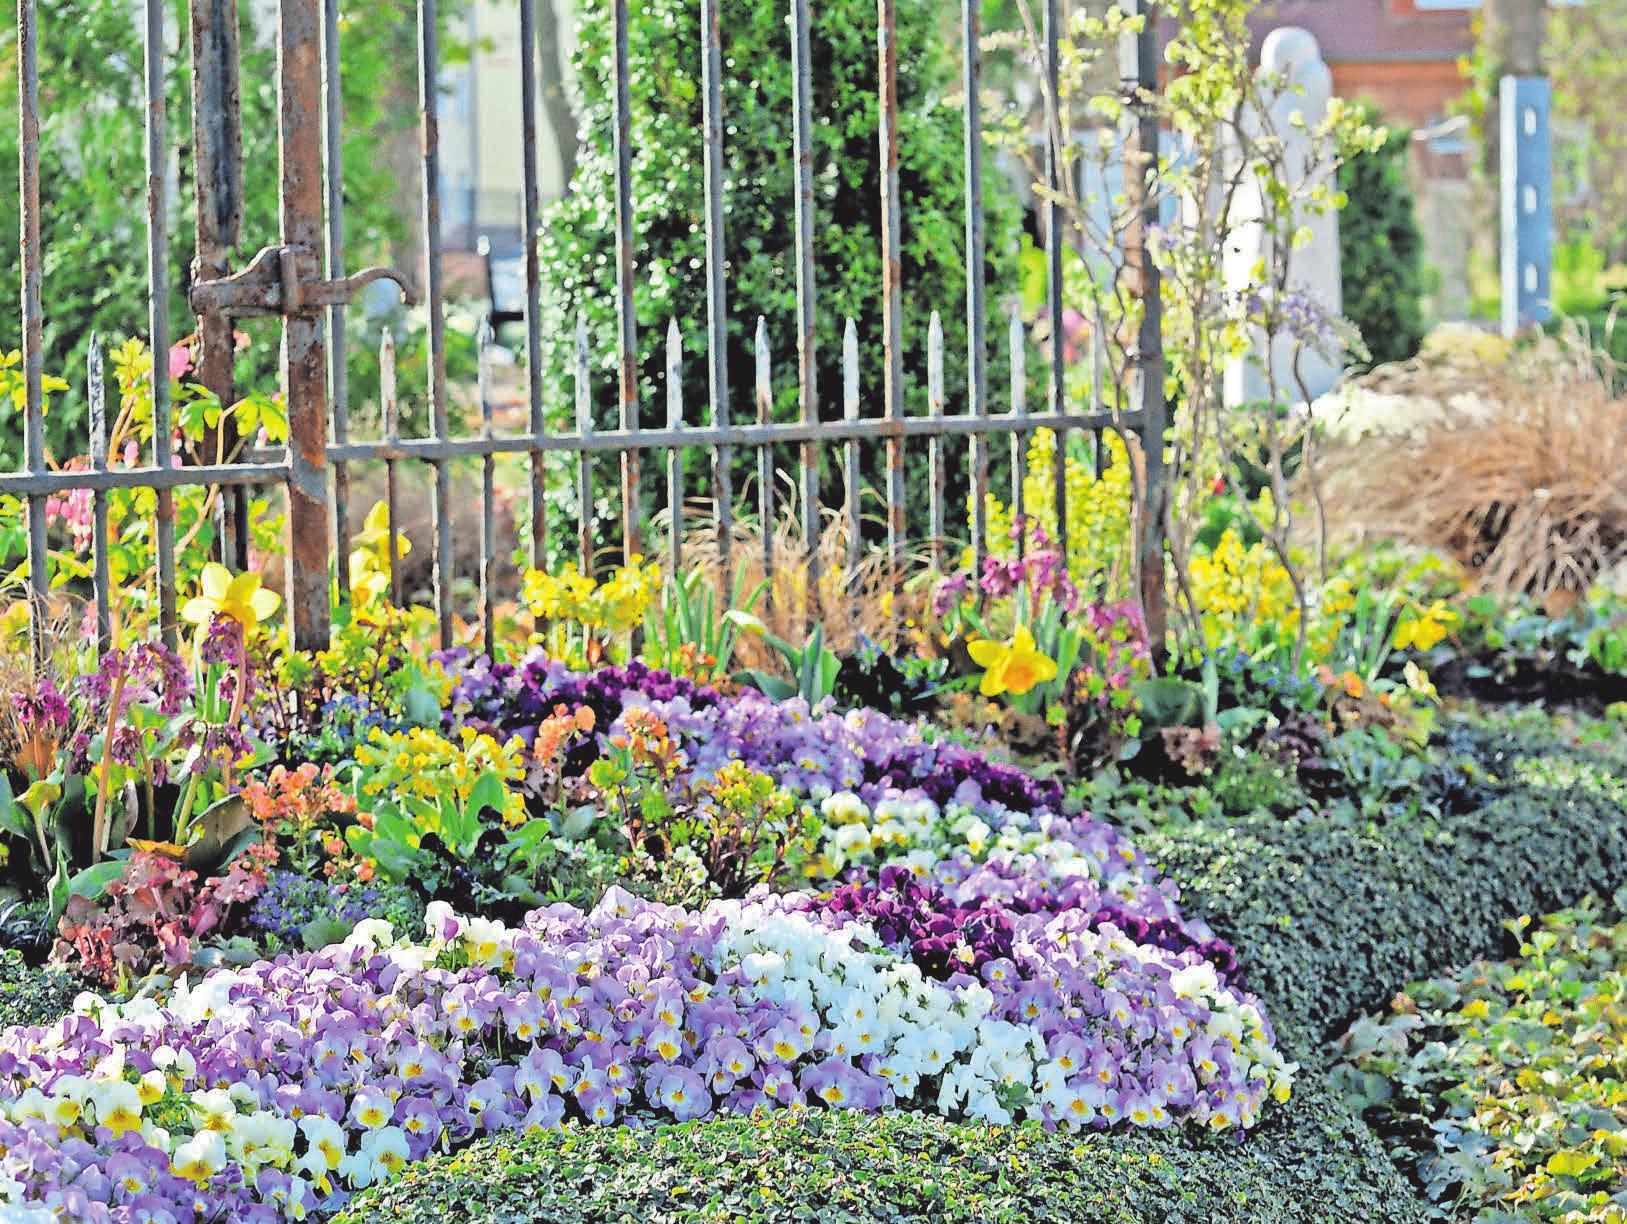 Eine farbenfrohe Pflanzenauswahl sorgt für eine frühlingshafte Stimmung auf dem Friedhof.     Foto: djd/Margit Wild